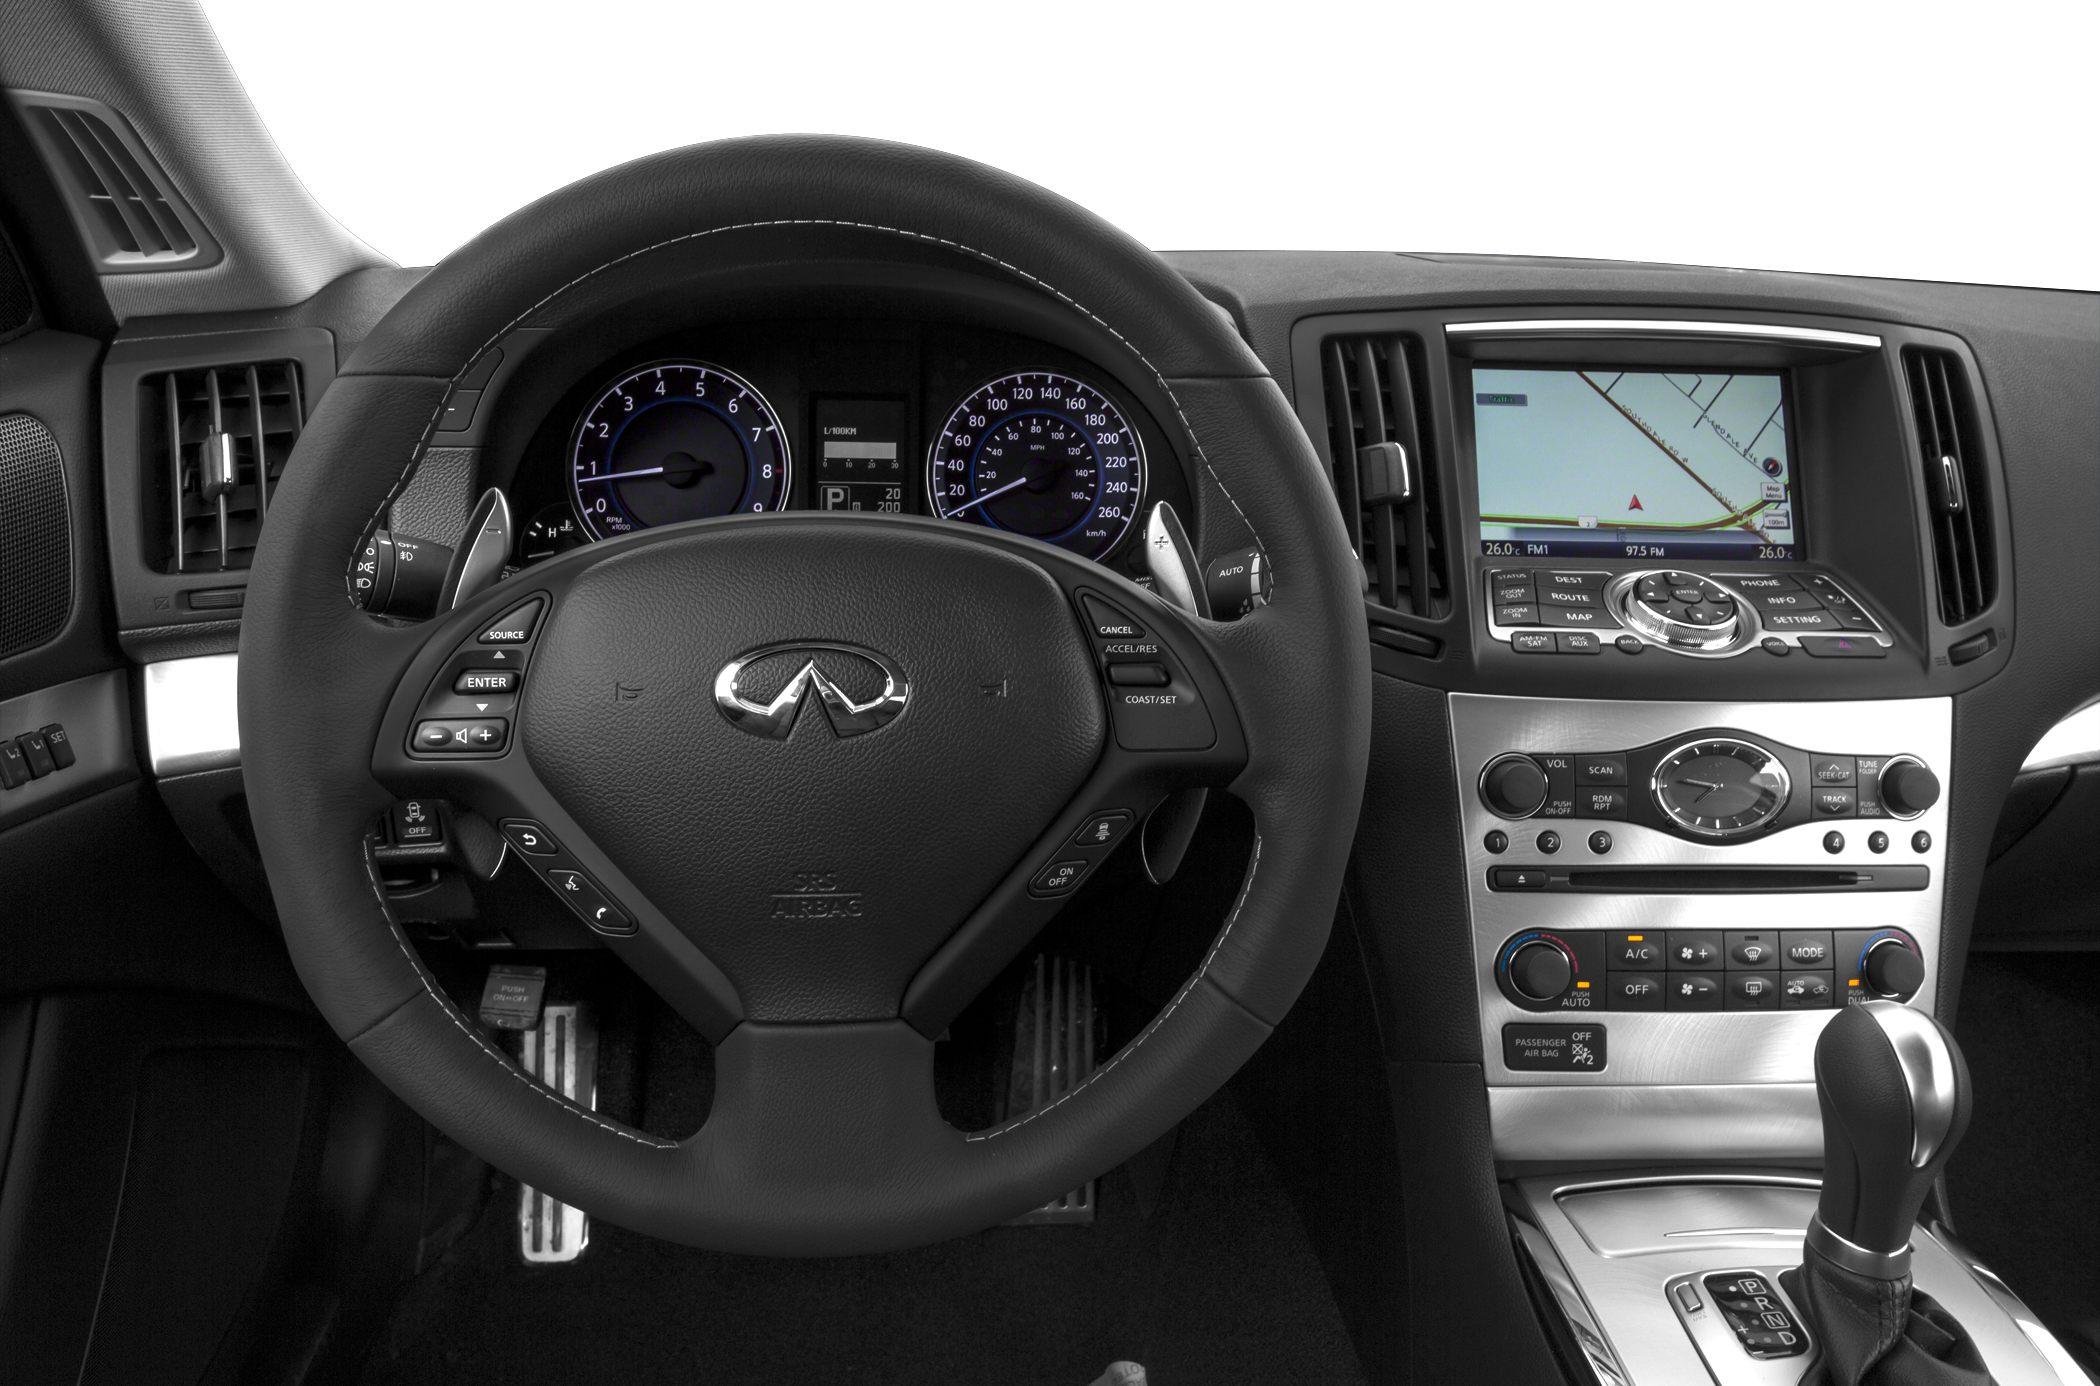 2014 Infiniti Q60 Interior